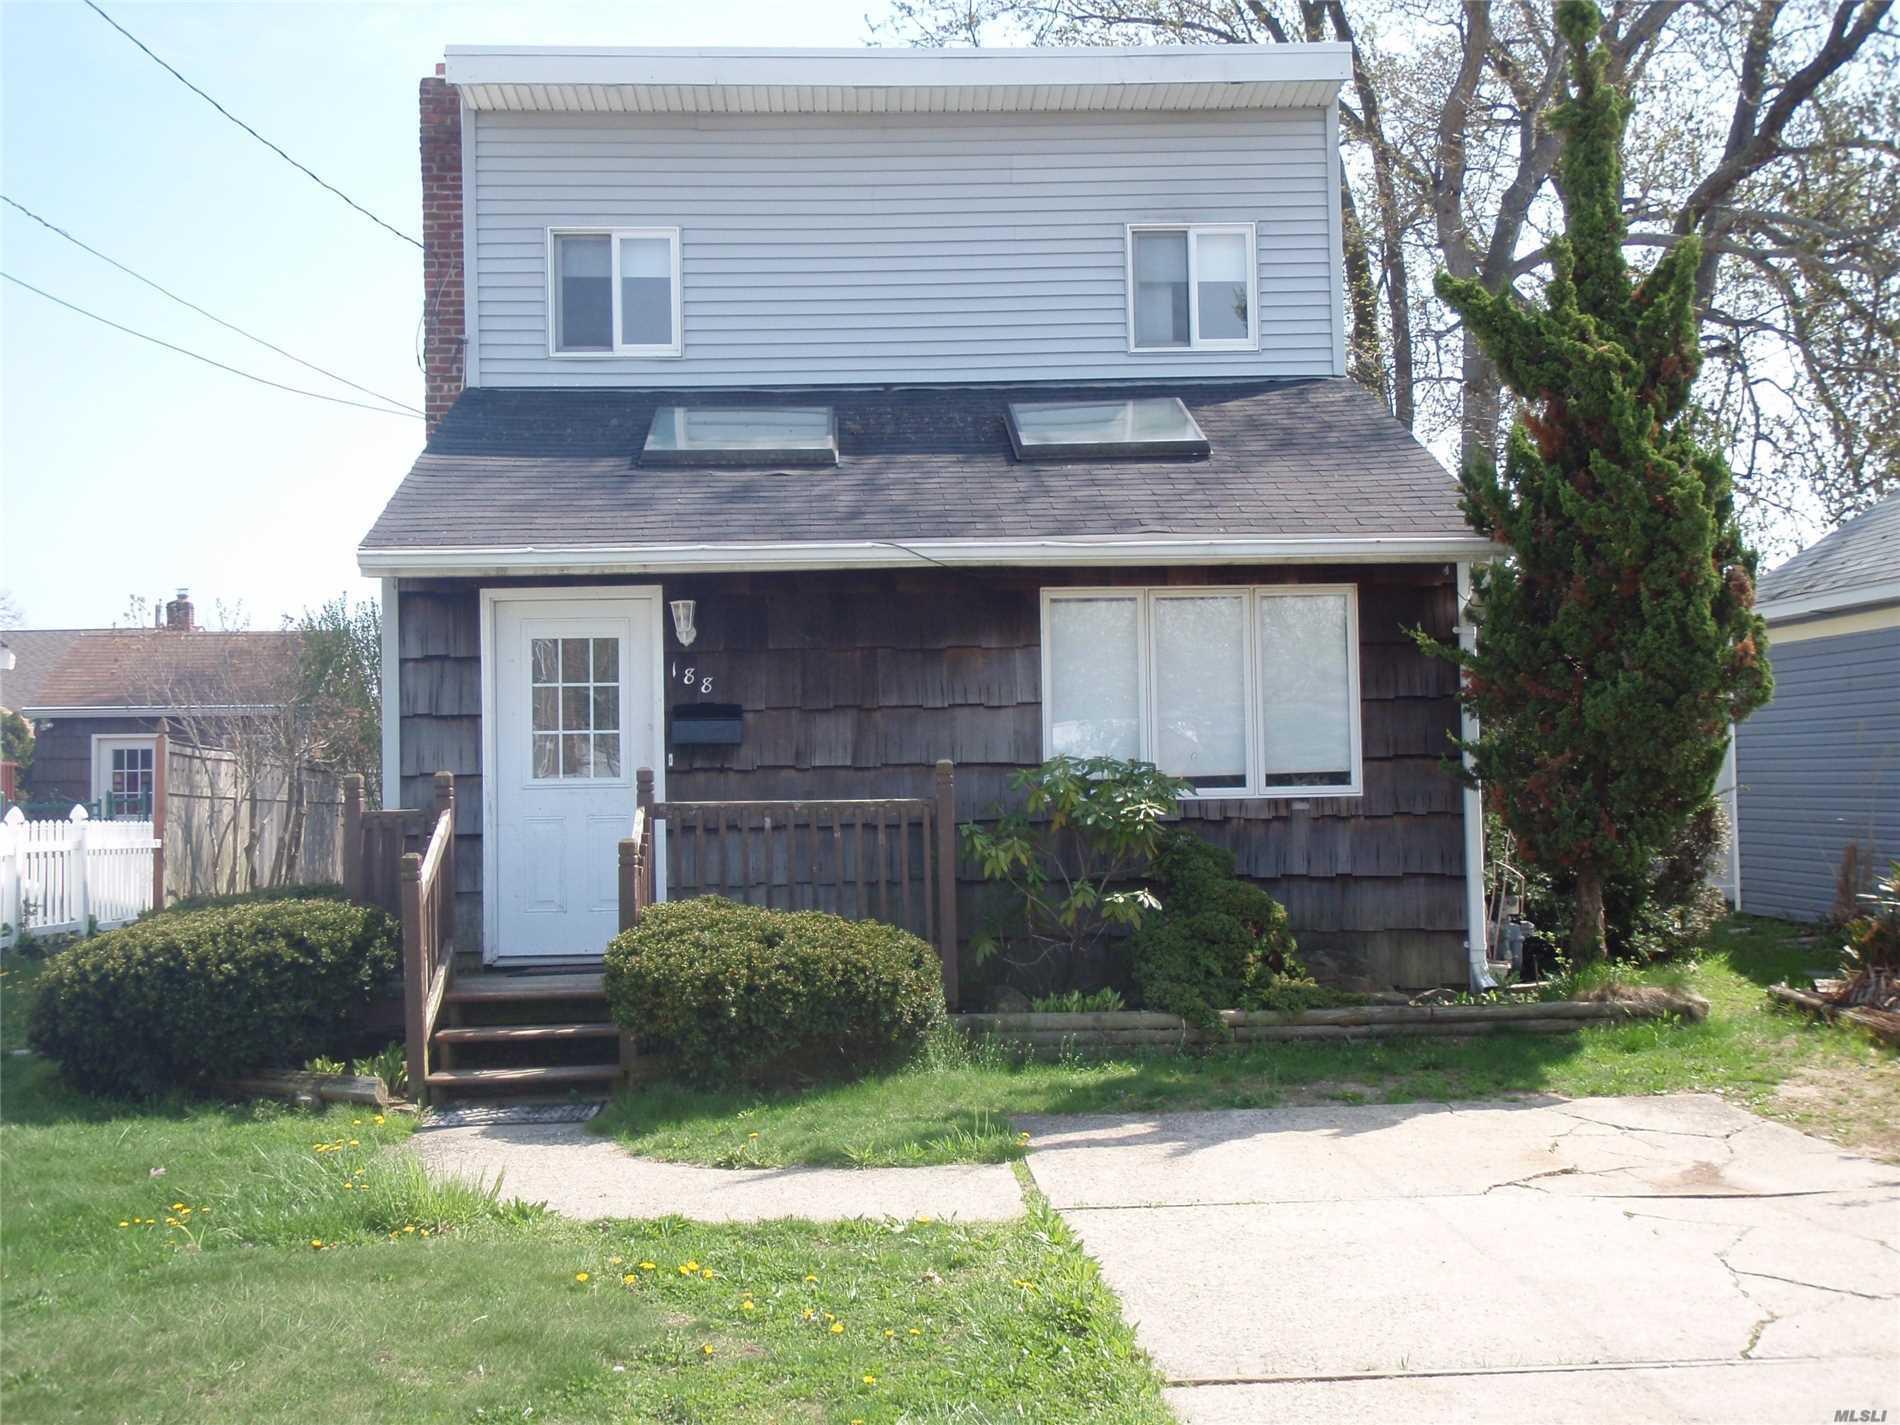 188 North Wisconsin Ave - Massapequa, New York